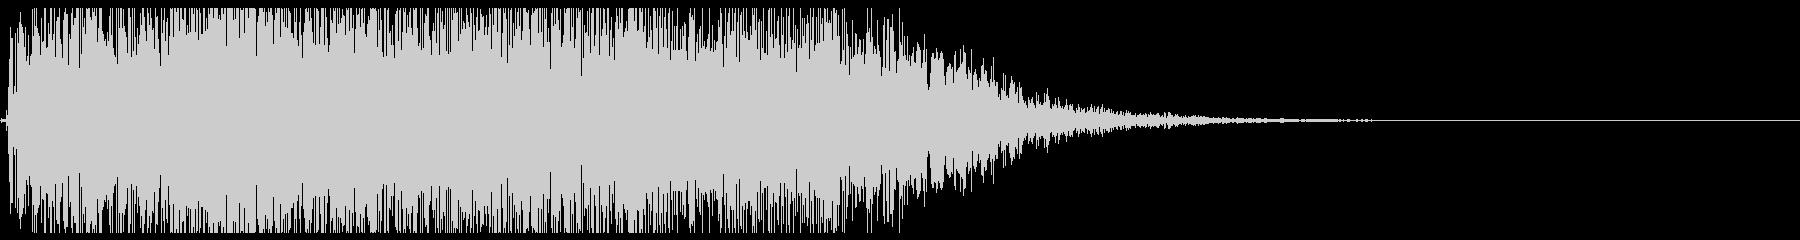 上昇音01の未再生の波形